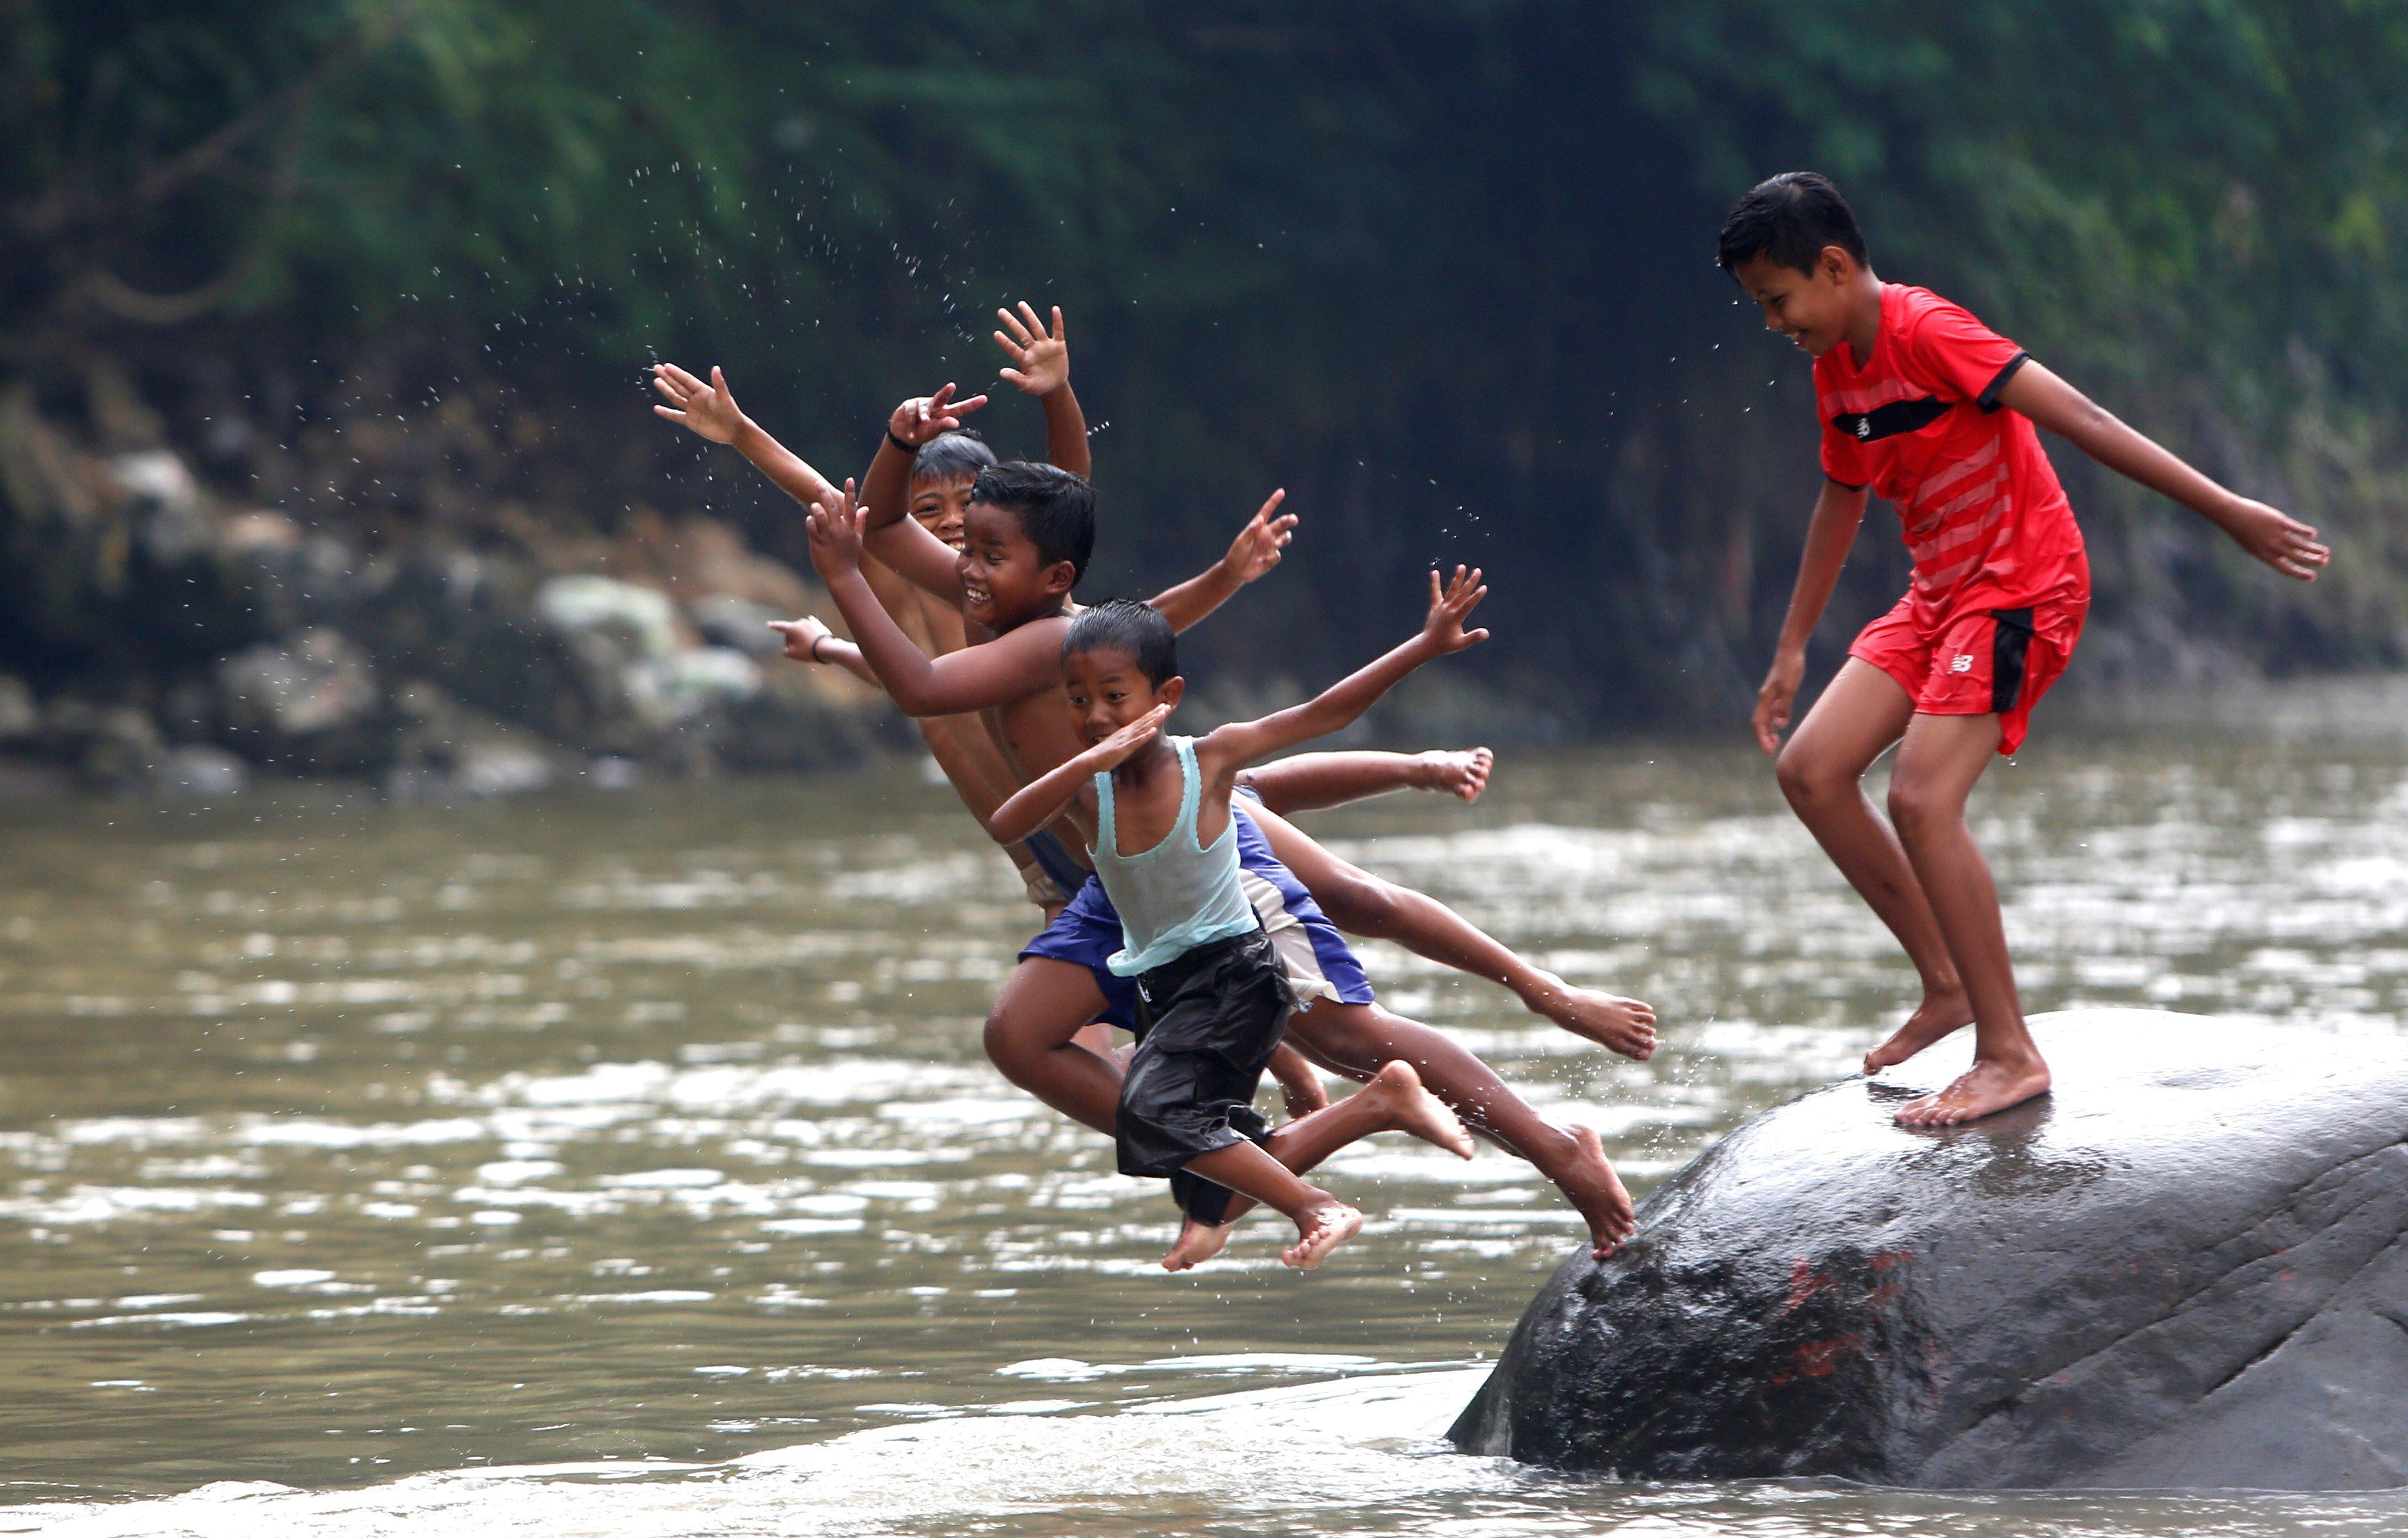 Un grup de nins juga al riu Ciliwung el Dia Mundial d'Acció en Defensa dels Rius, a Bogor, Indonèsia. /ADI WEDA